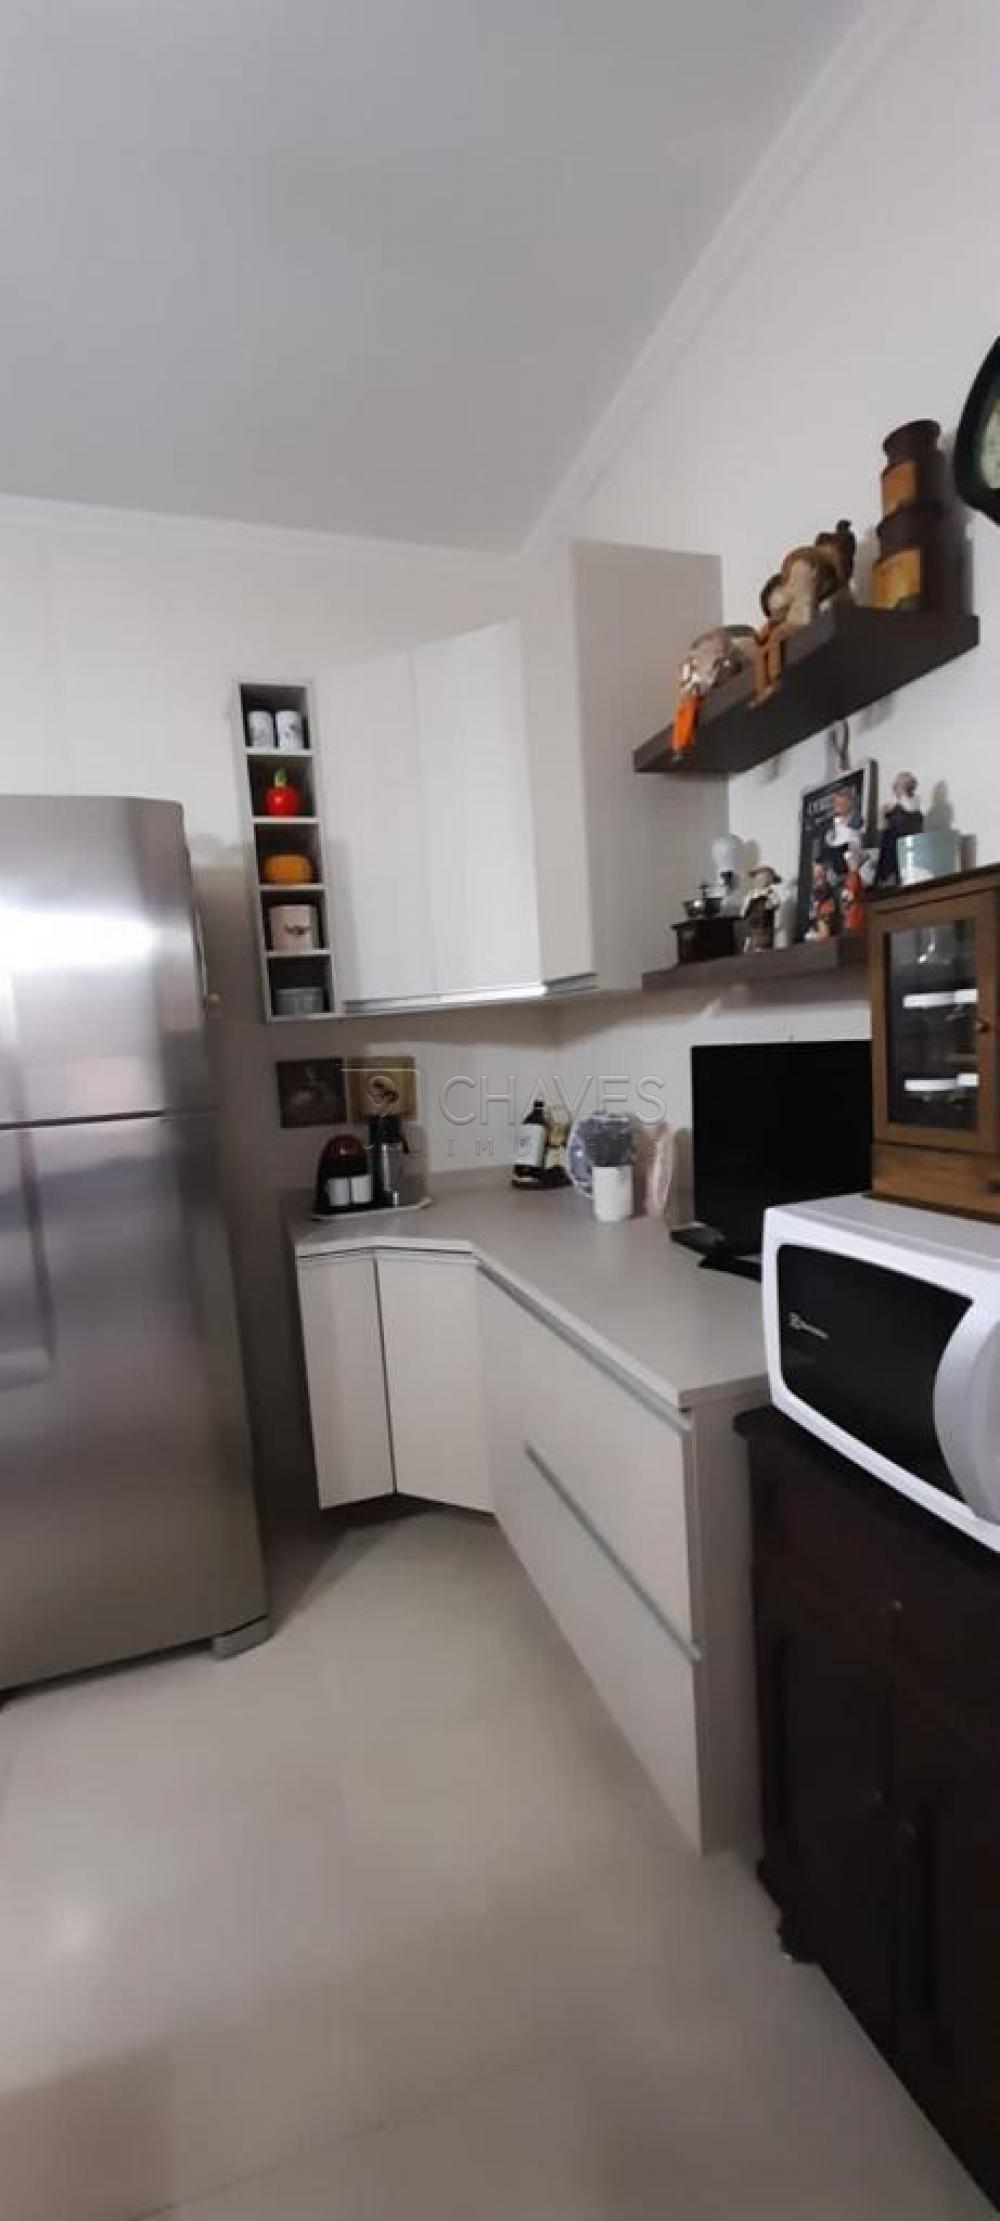 Comprar Apartamento / Padrão em Ribeirão Preto R$ 299.000,00 - Foto 9